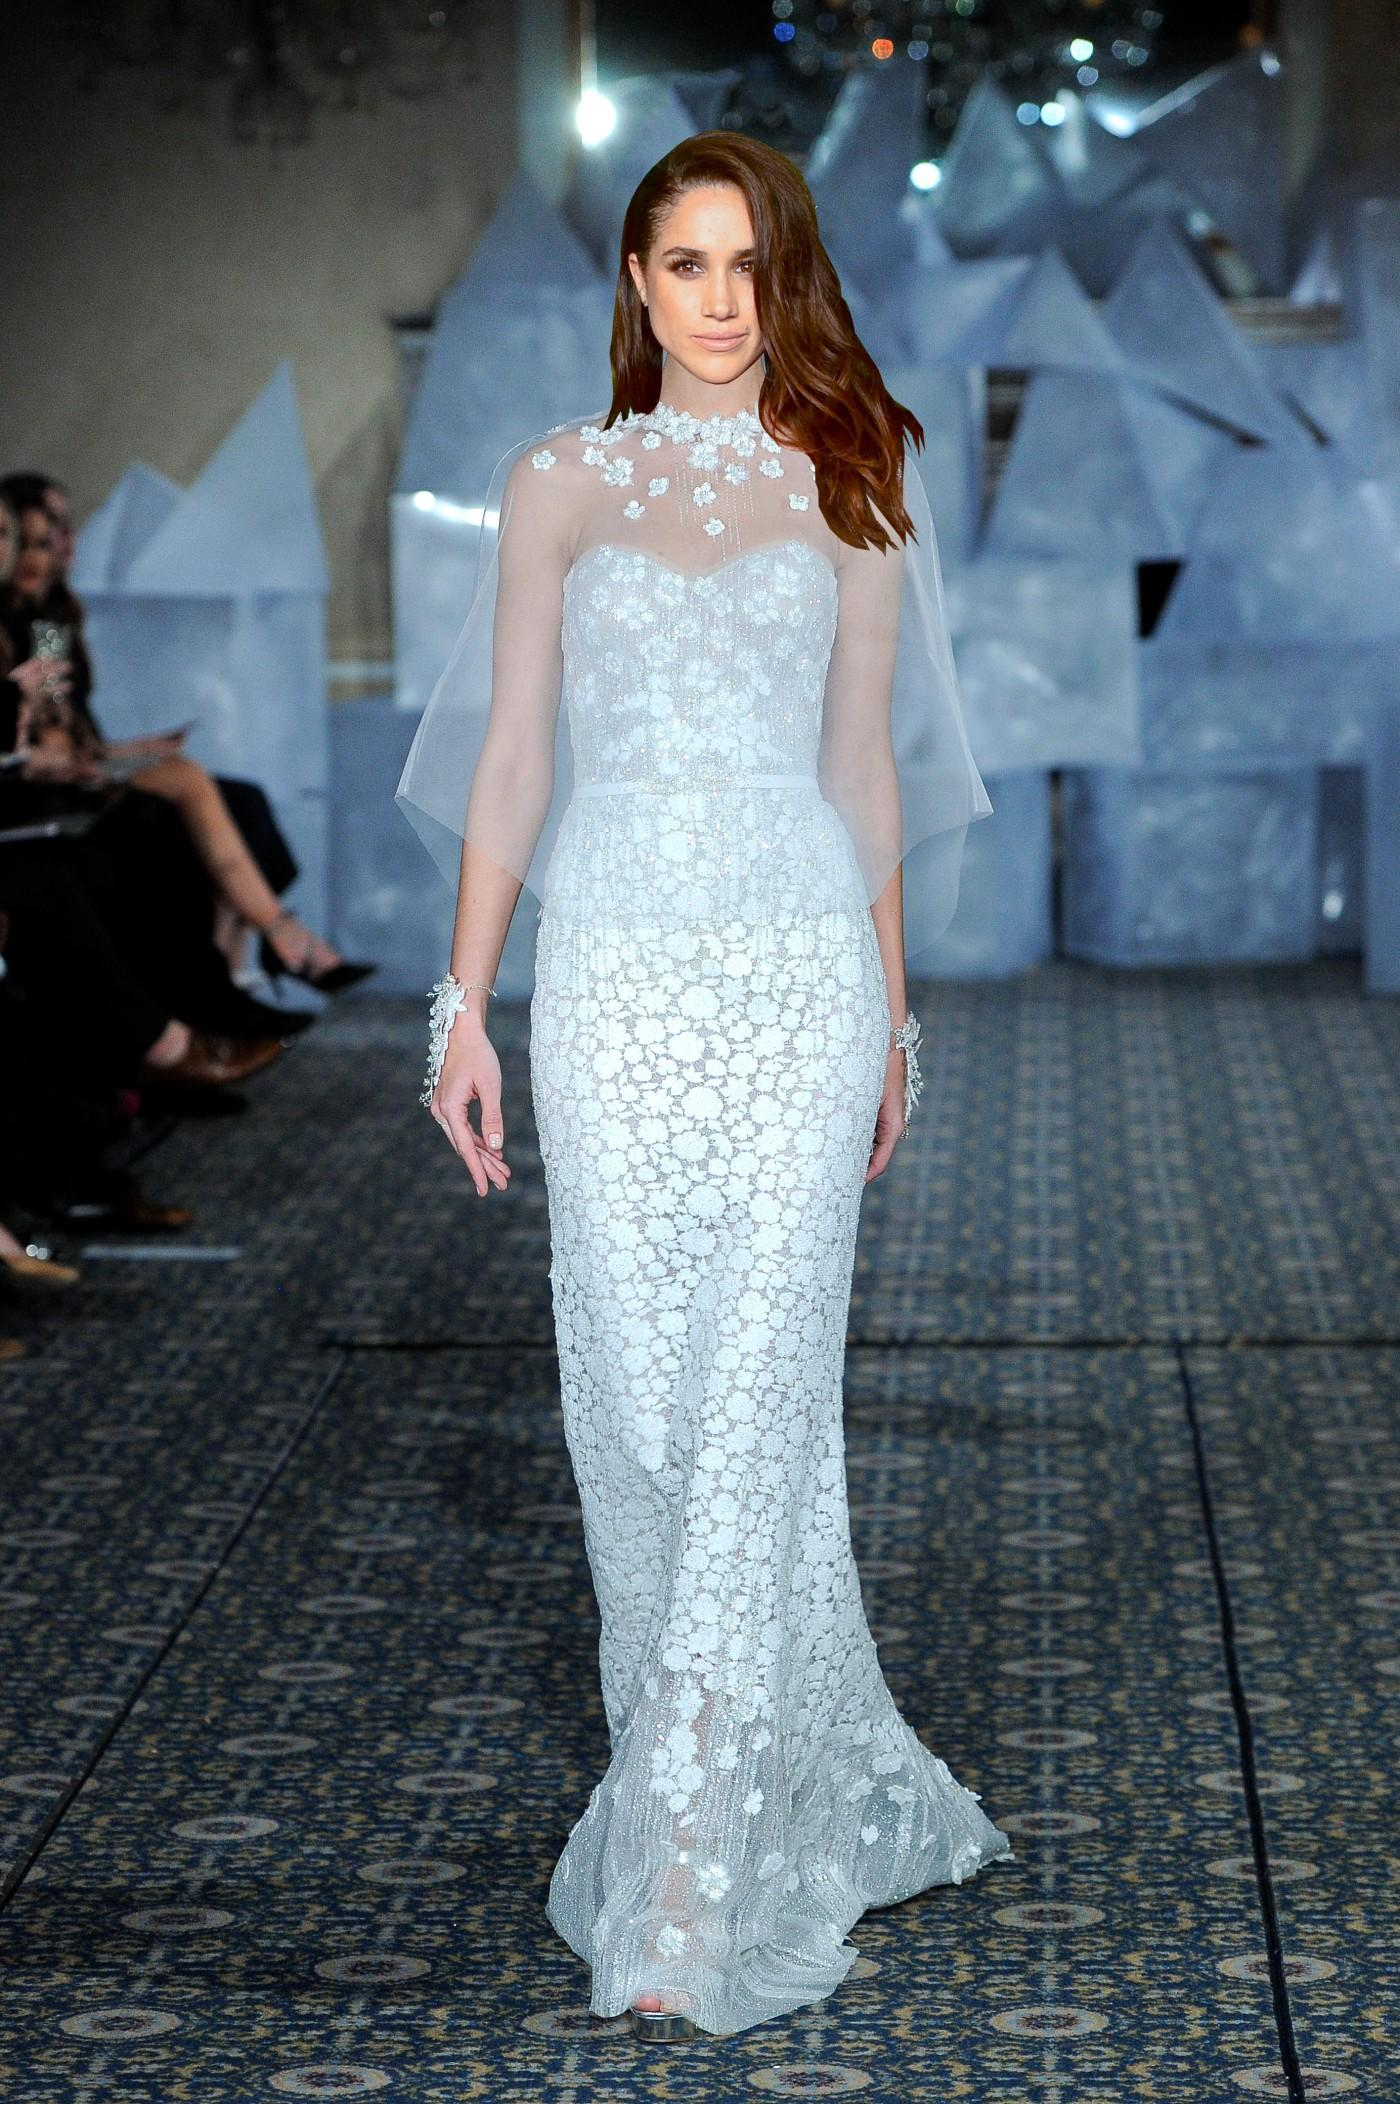 10 Wedding Gowns Meghan Markle Should Wear From Bridal Fashion Week